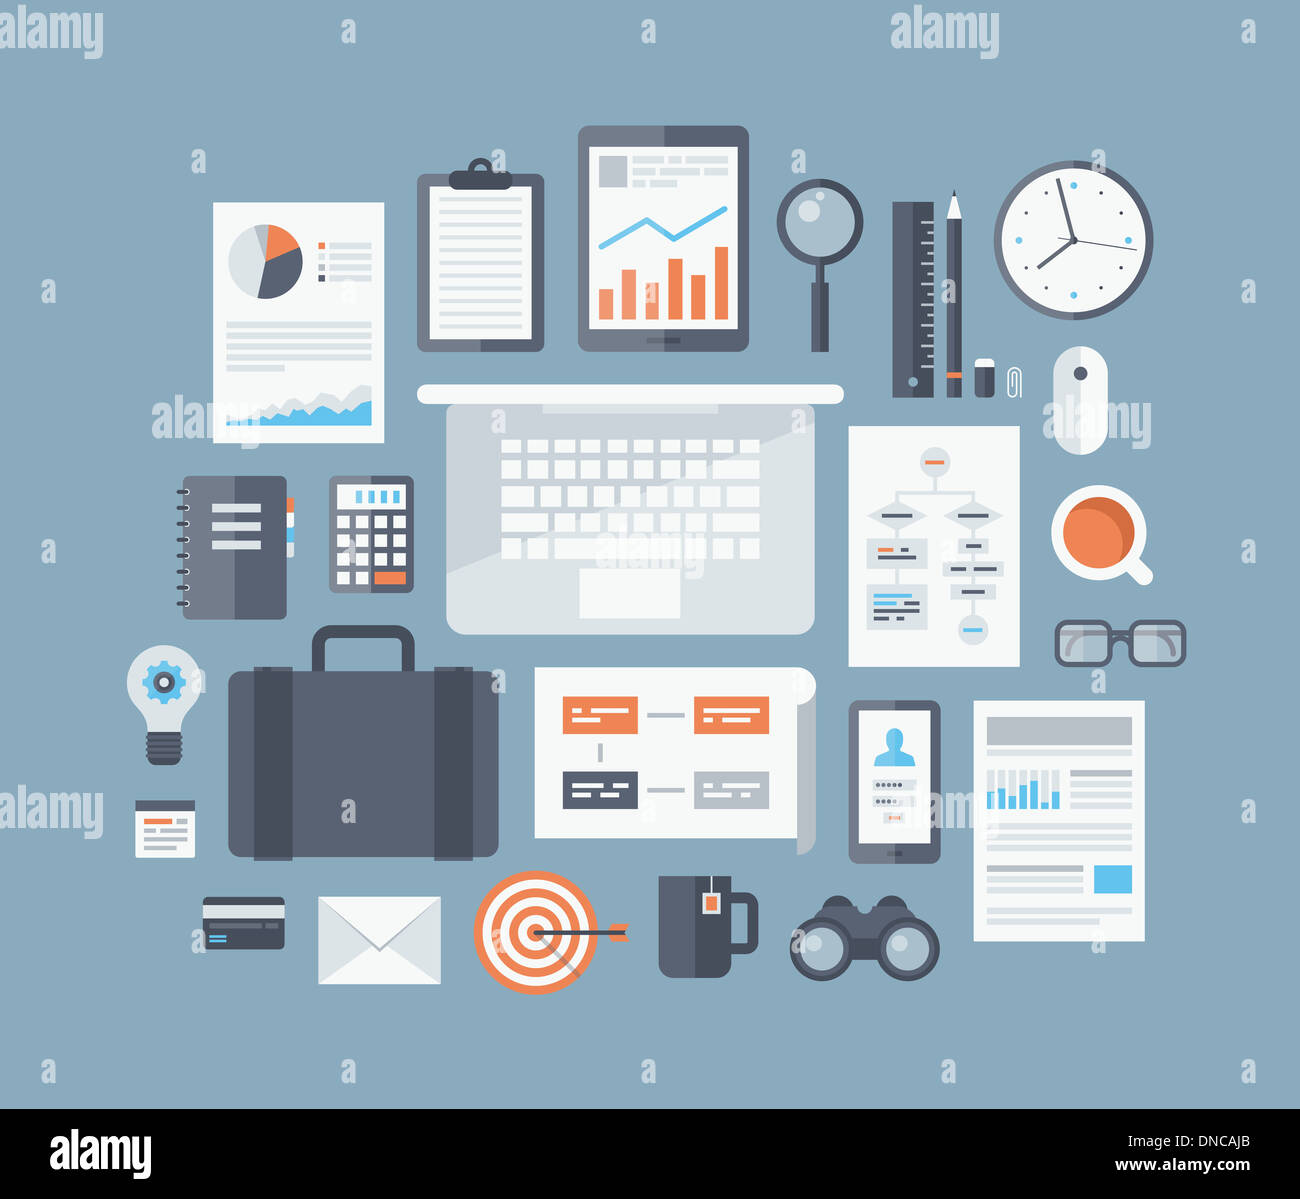 Moderno design illustrazione piana concetto di business gli elementi del flusso di lavoro e gli elementi, ufficio Immagini Stock